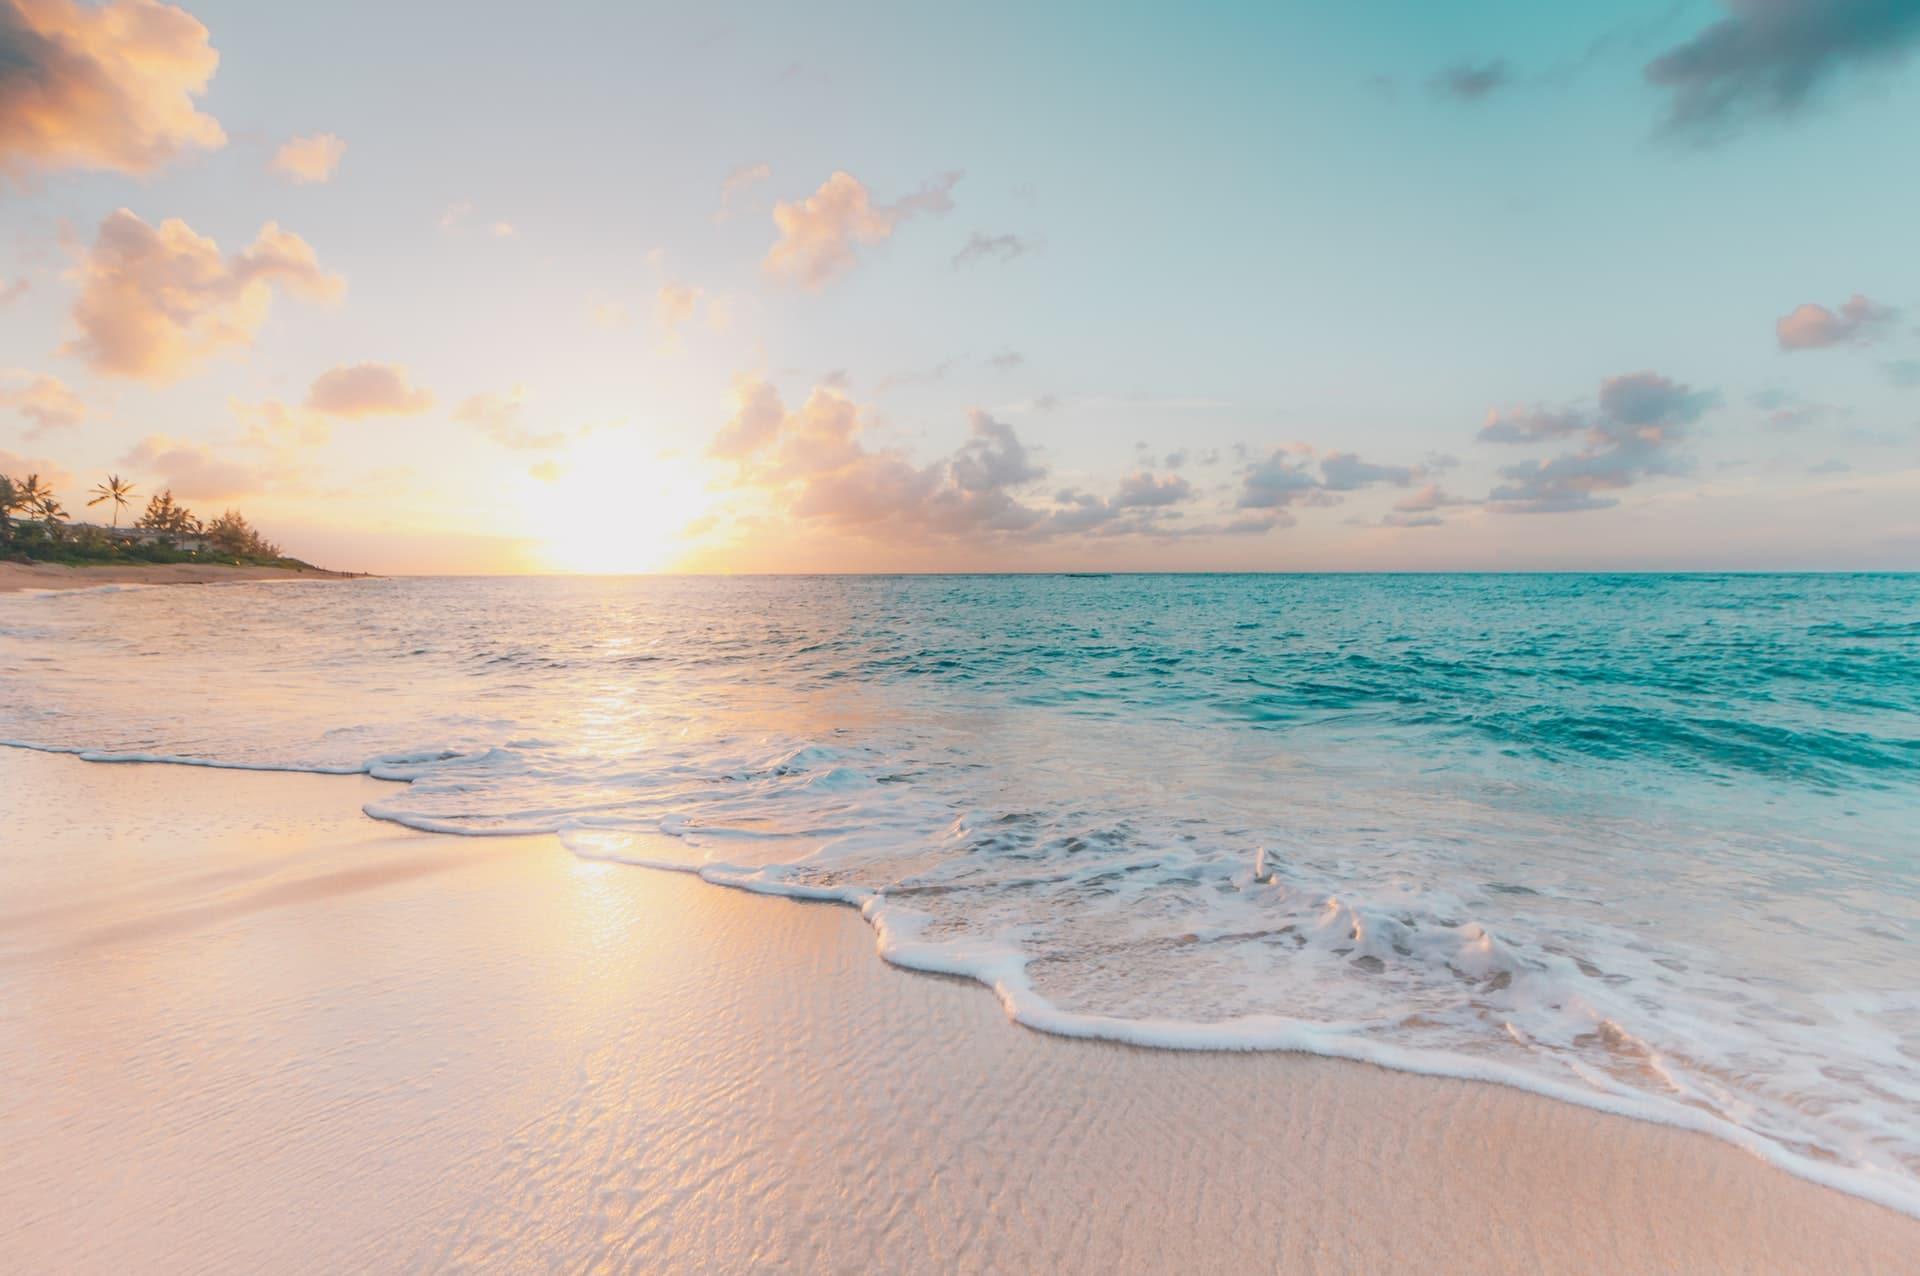 Mer plage - Alhaya